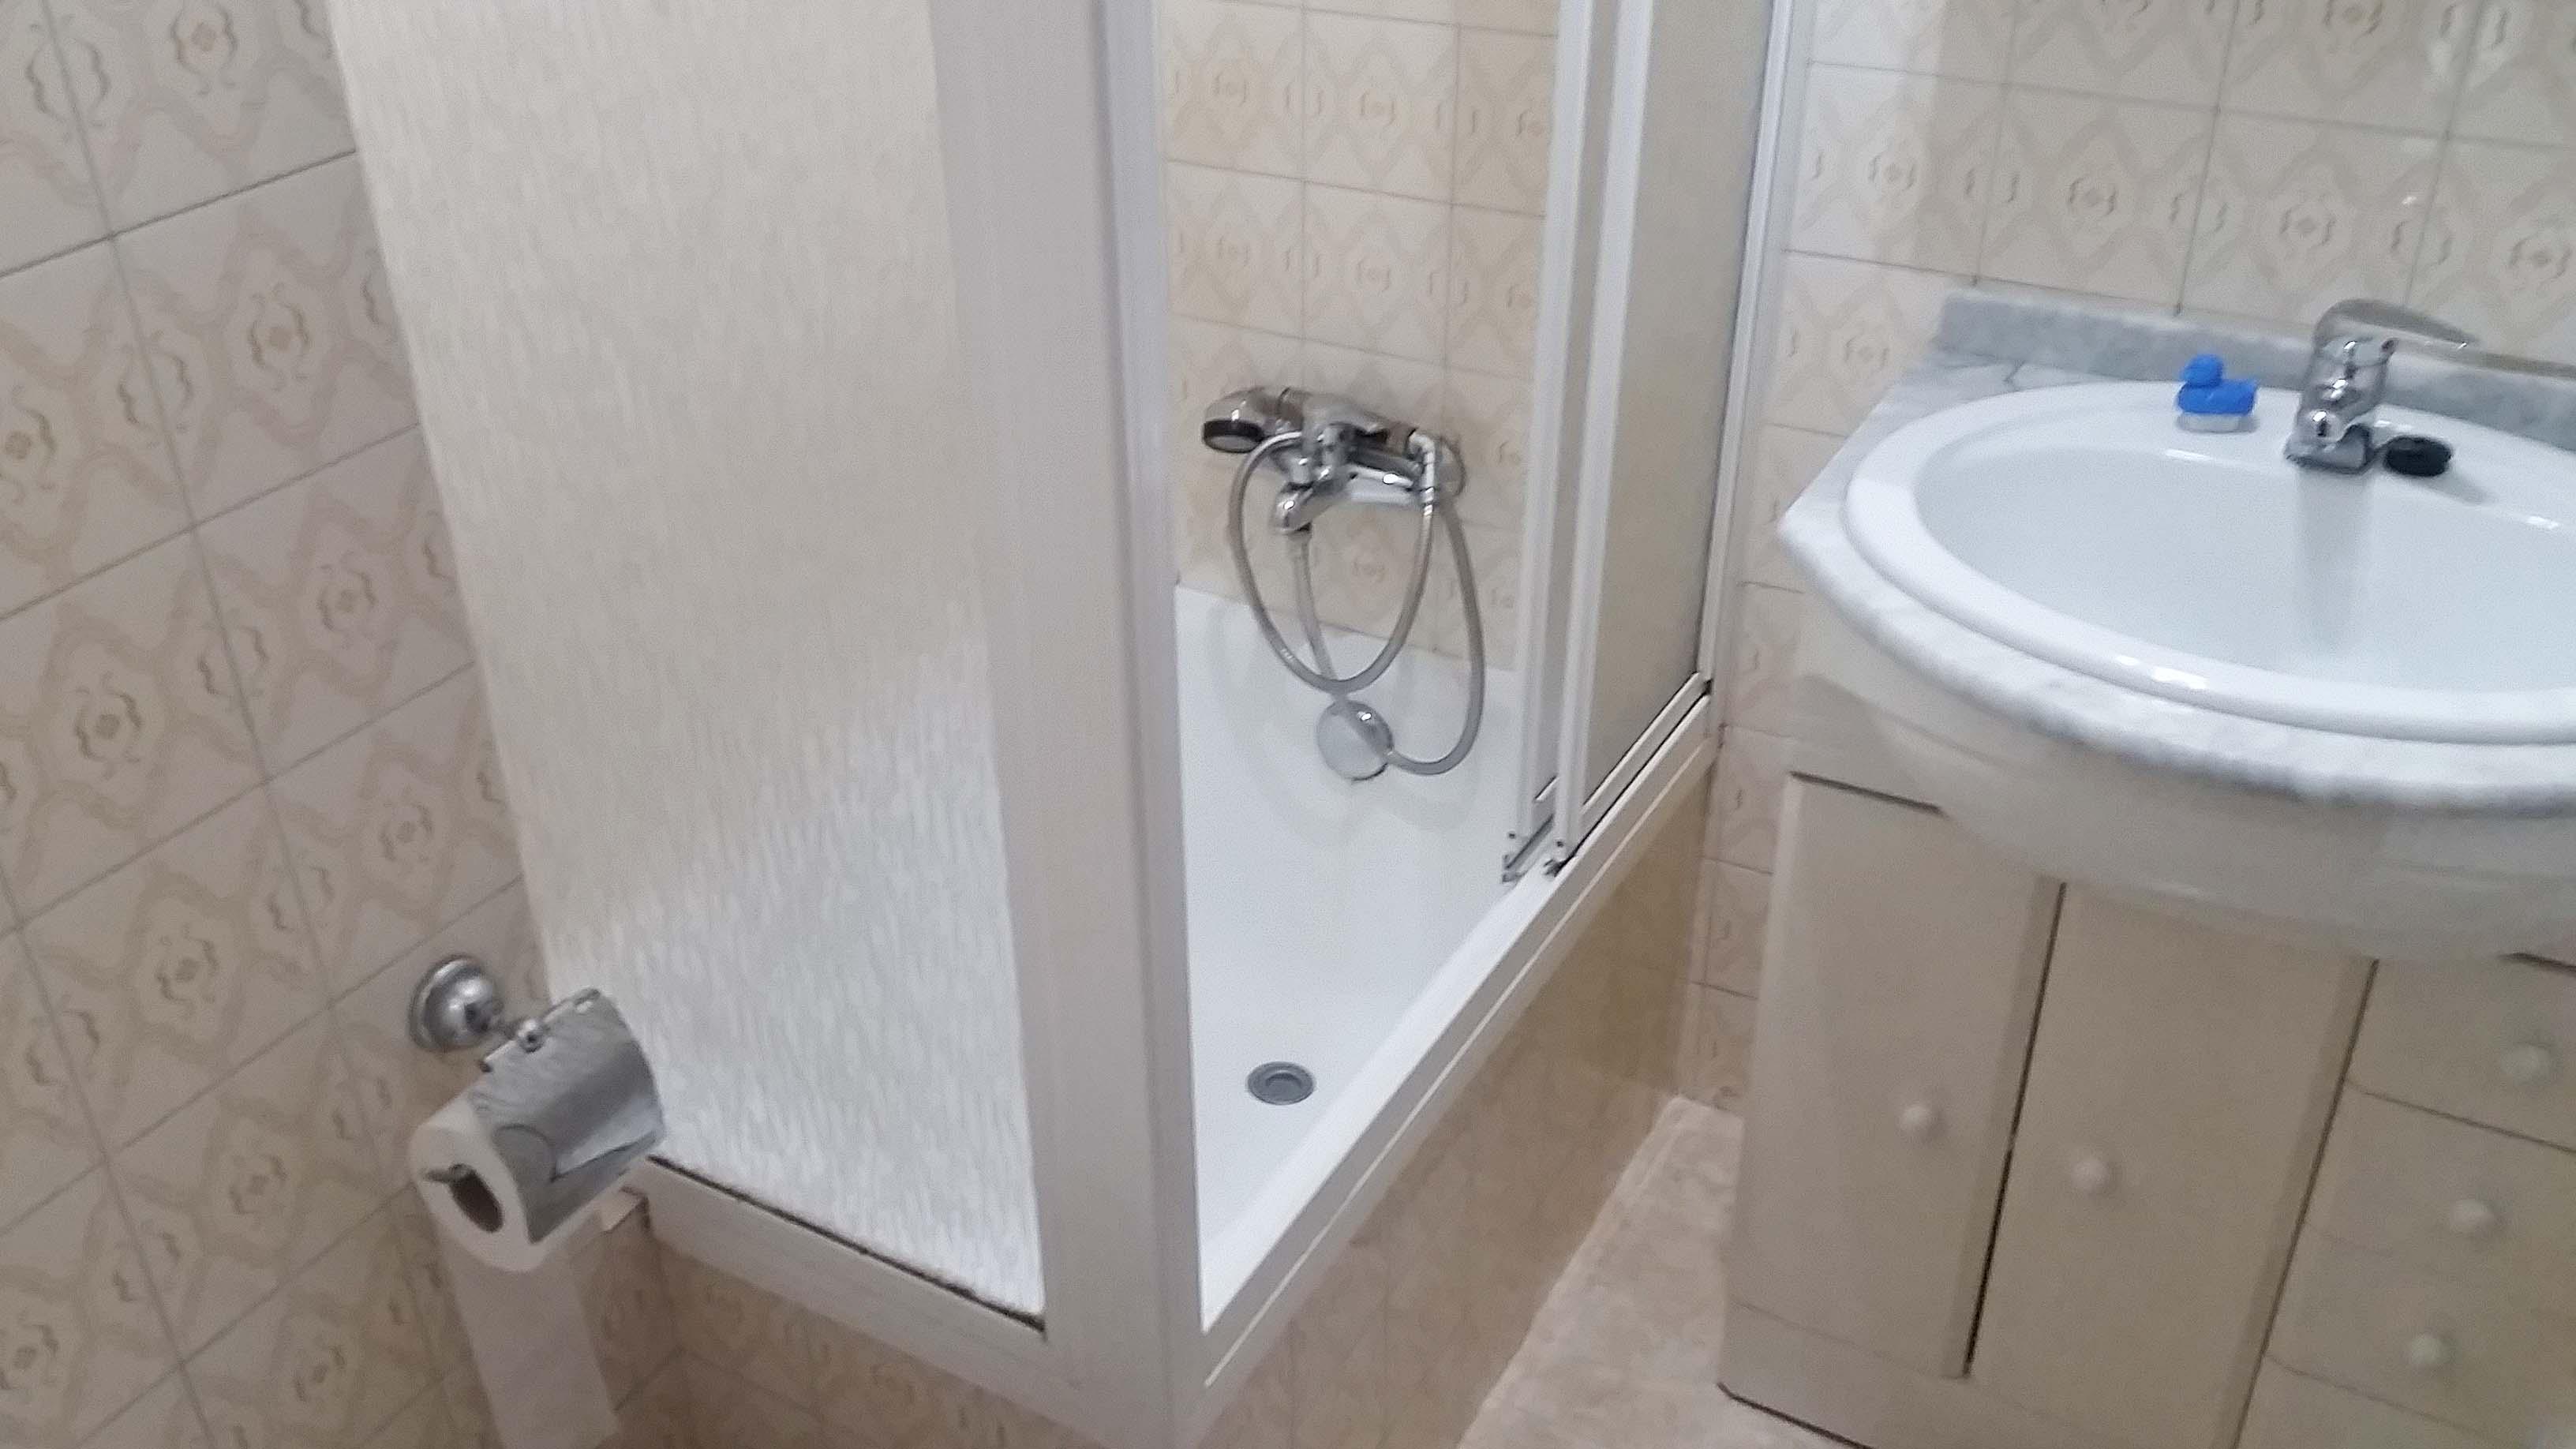 antes-Baños-express-Baño-reforma-coruña-cambio bañera por plato de ducha-aseo-renovar-contratista-empresa-de-reformas-renueve su casa-Rda de Nelle_3